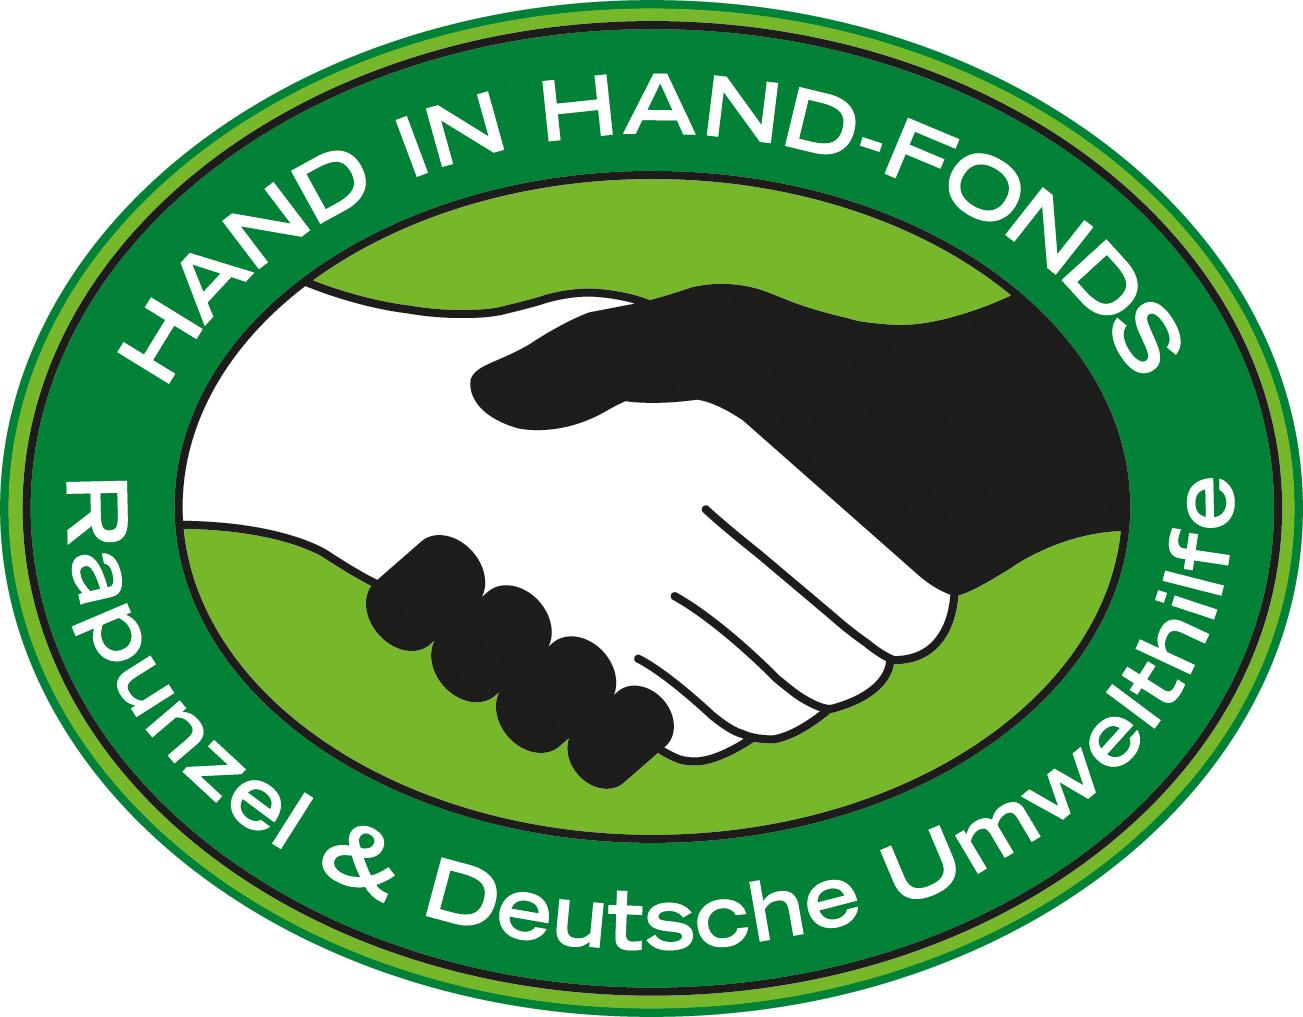 Logo Deutsche Umwelthilfe, Hand in Hand-Fonds